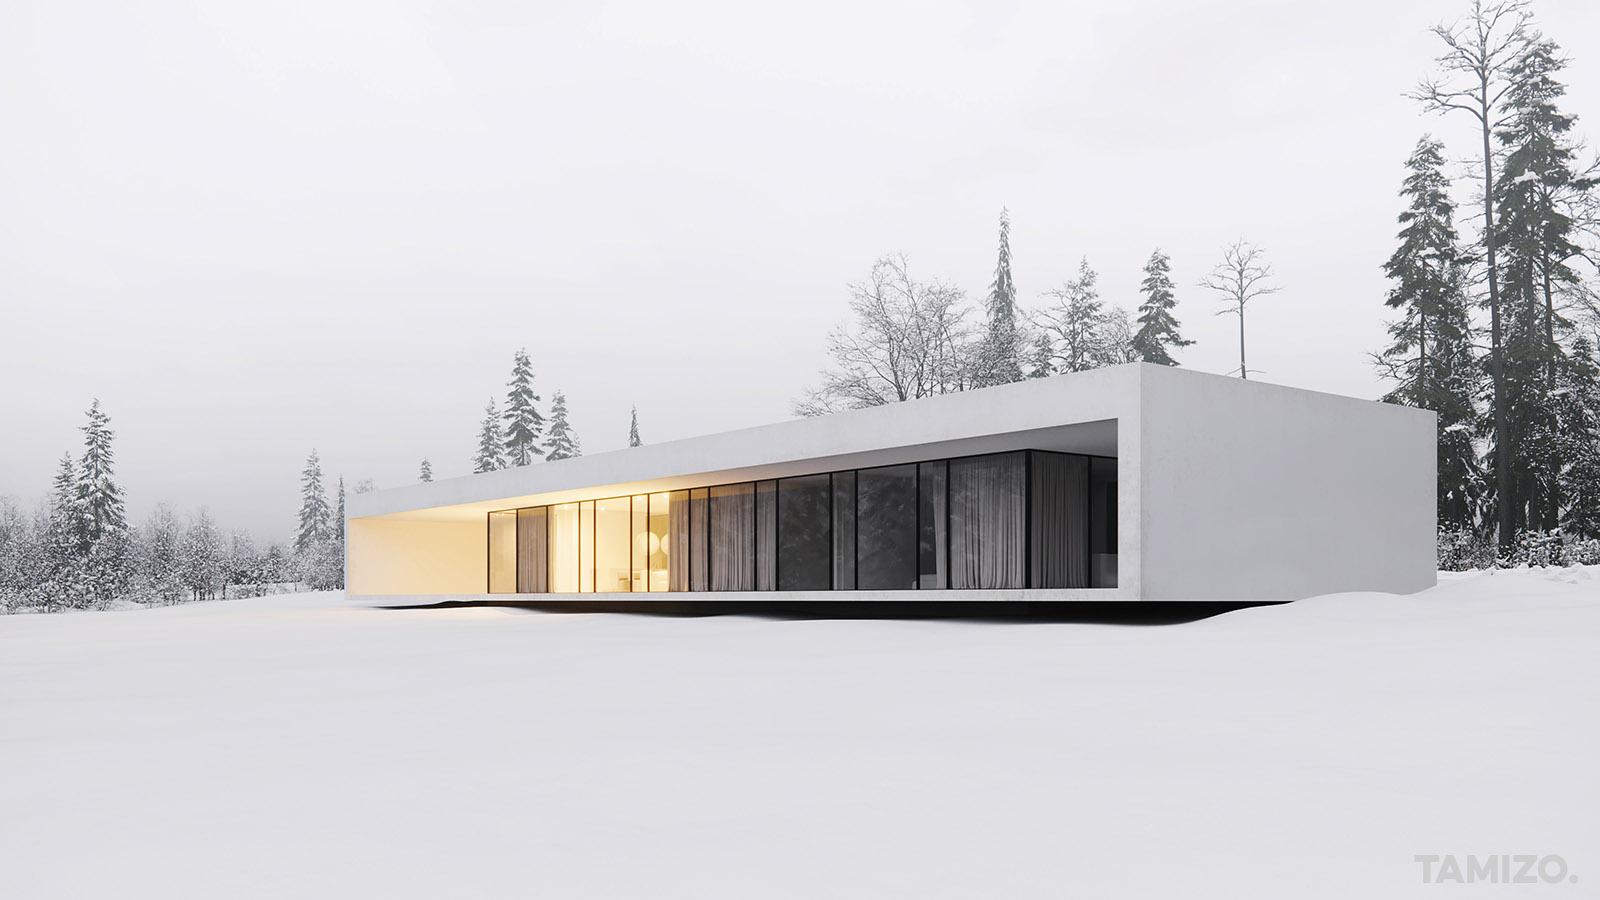 A097_tamizo_dom_jednorodzinny_architekci_lodz_rezydencja_house_projekt_domu_minimalistyczny_01